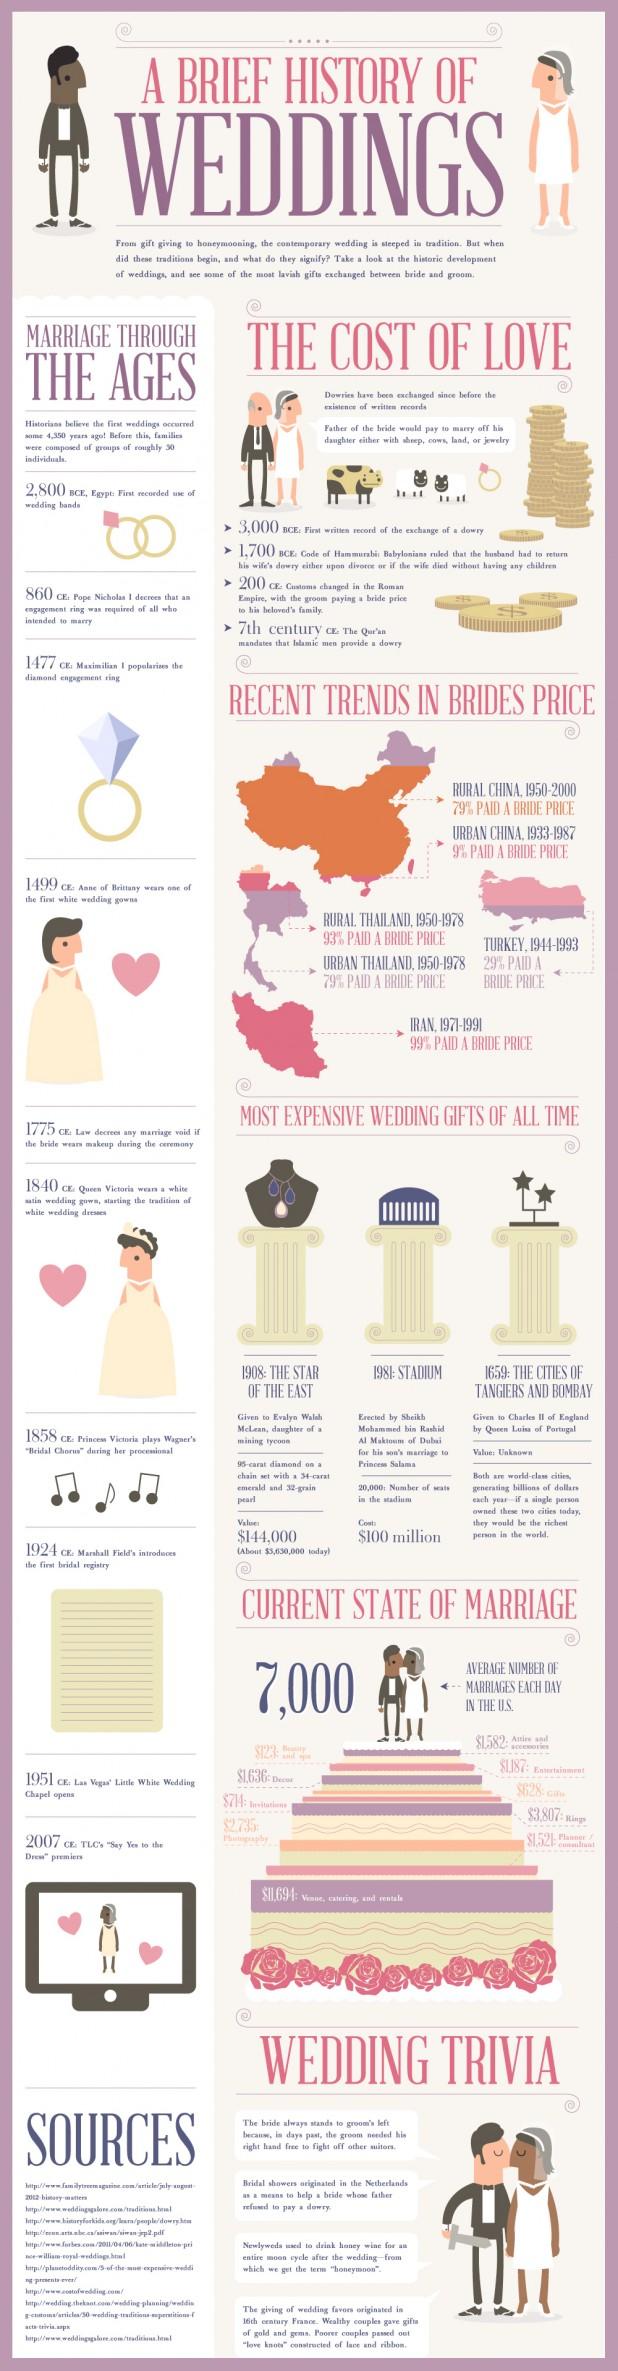 history-of-weddings